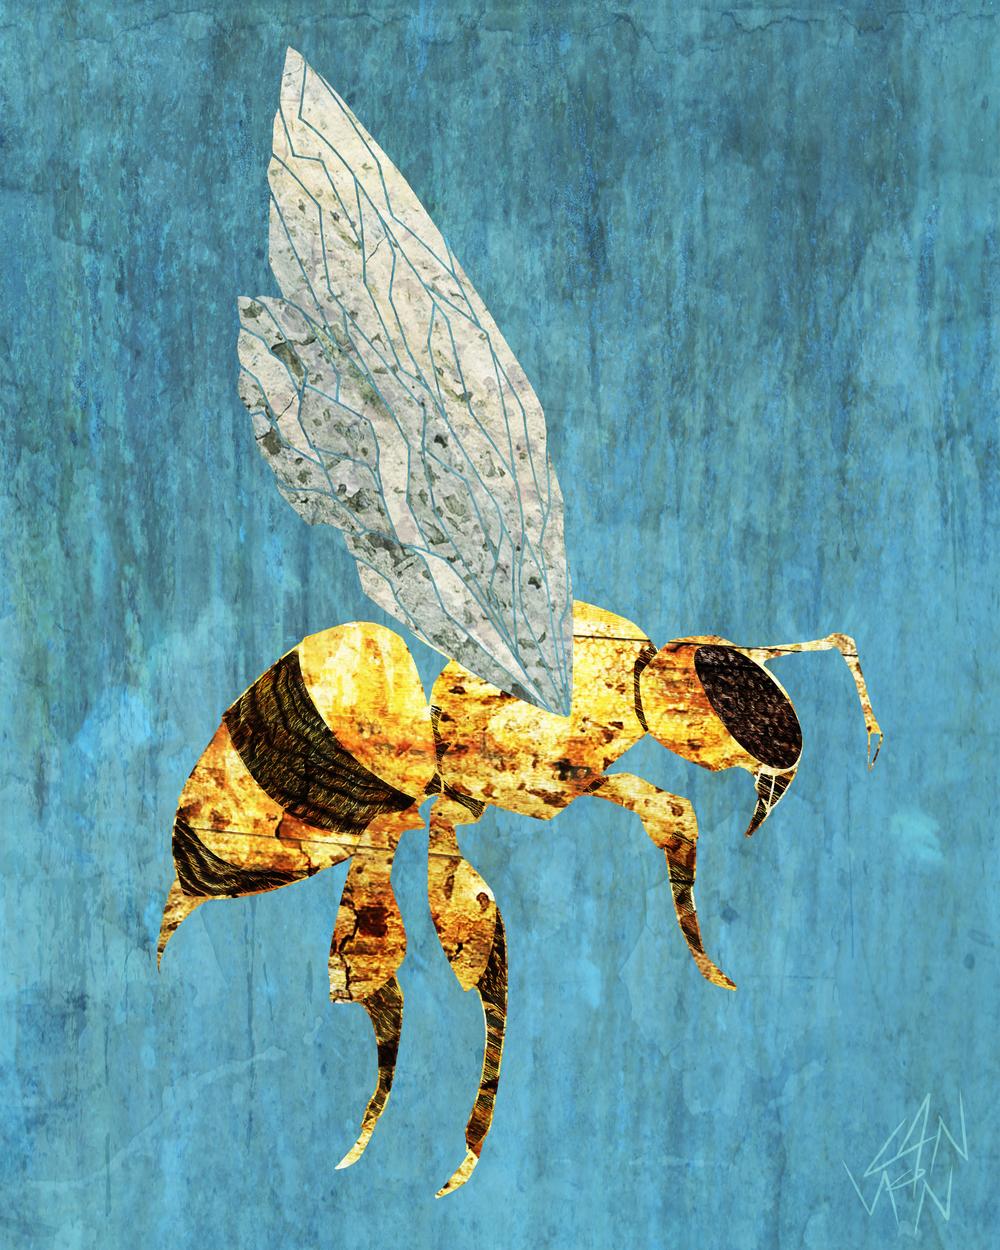 Honeybee 8x10.jpg